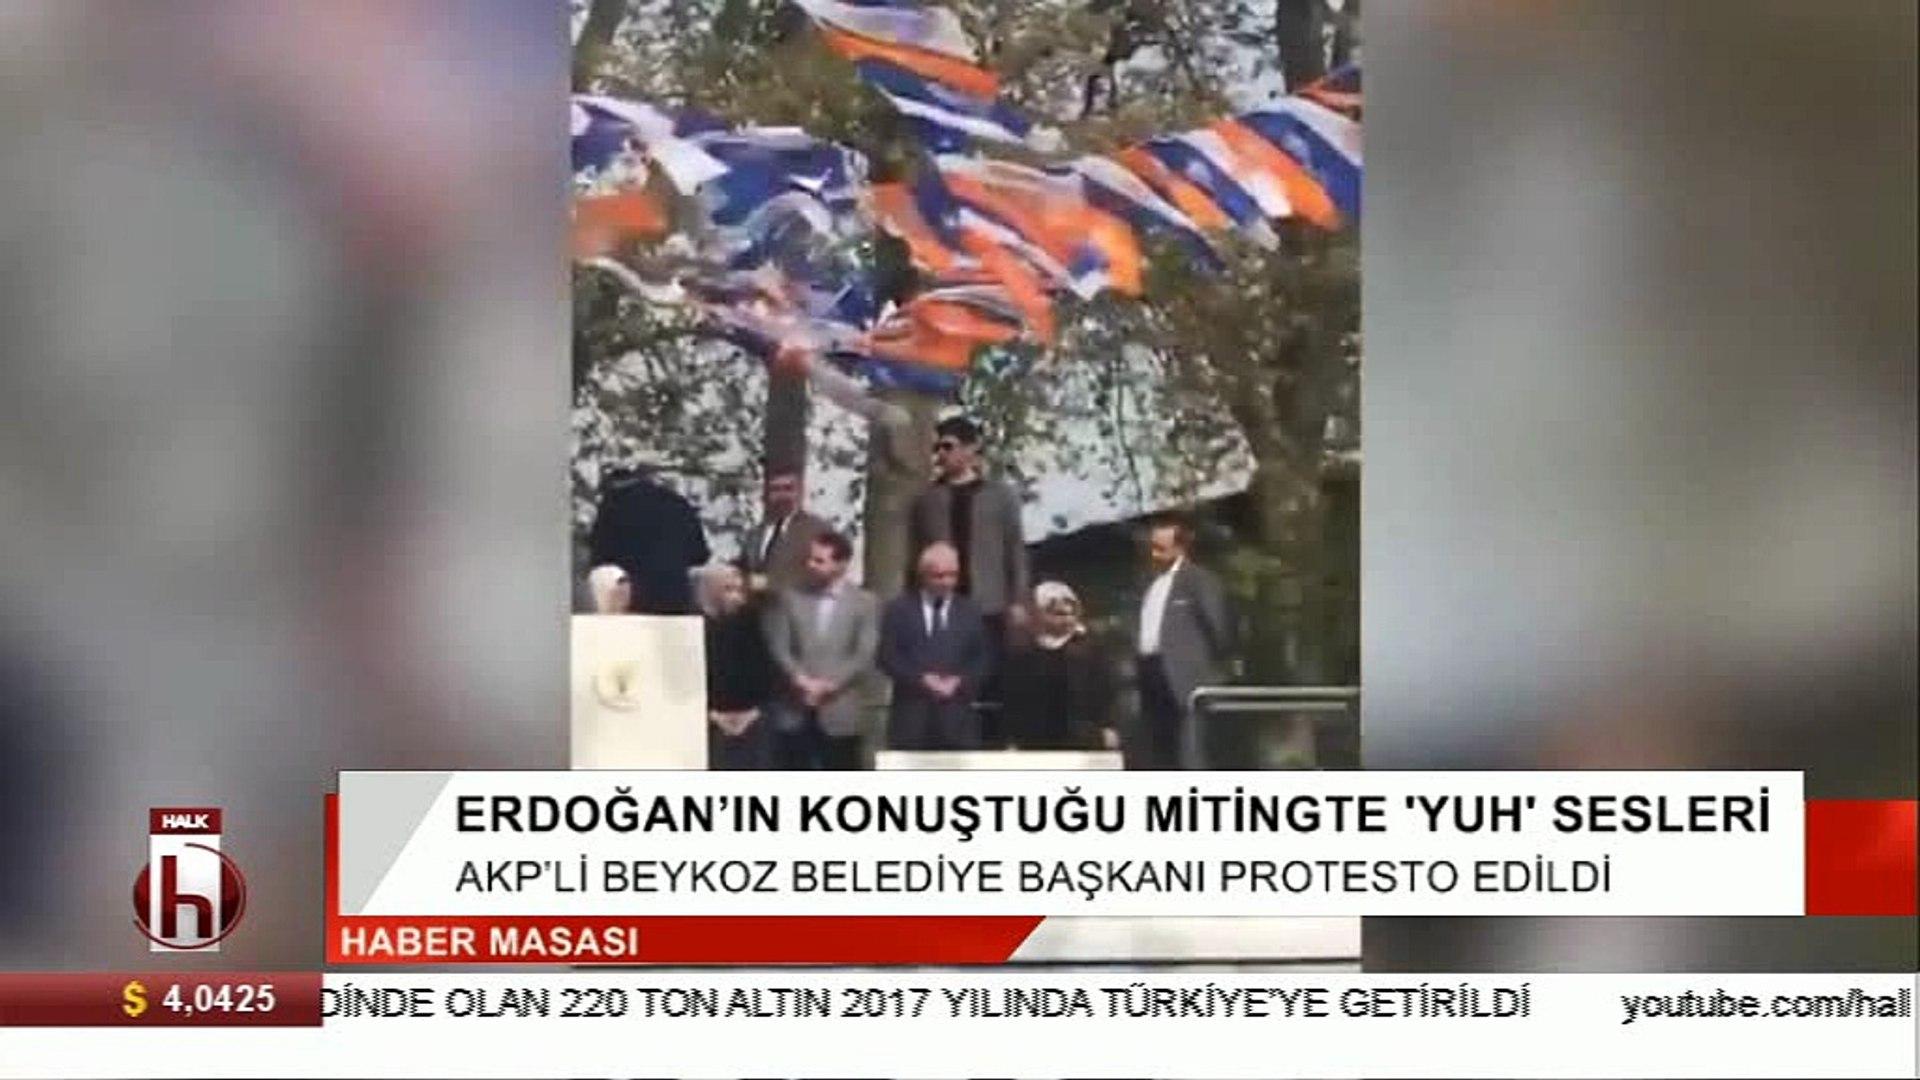 Erdoğan'ın mitinginde 'yuh' sesleri…